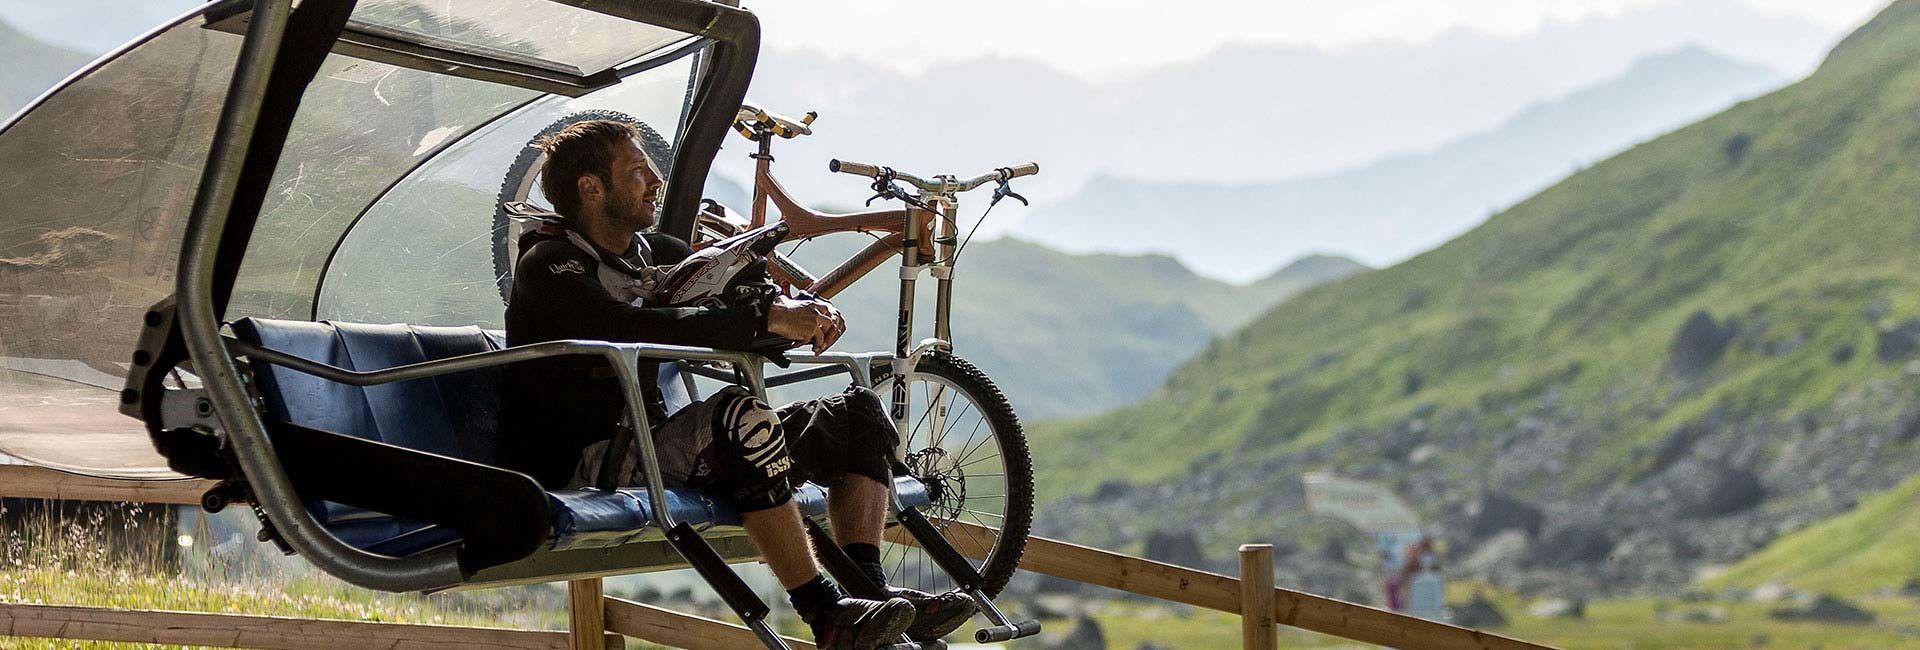 Biken in Samnaun